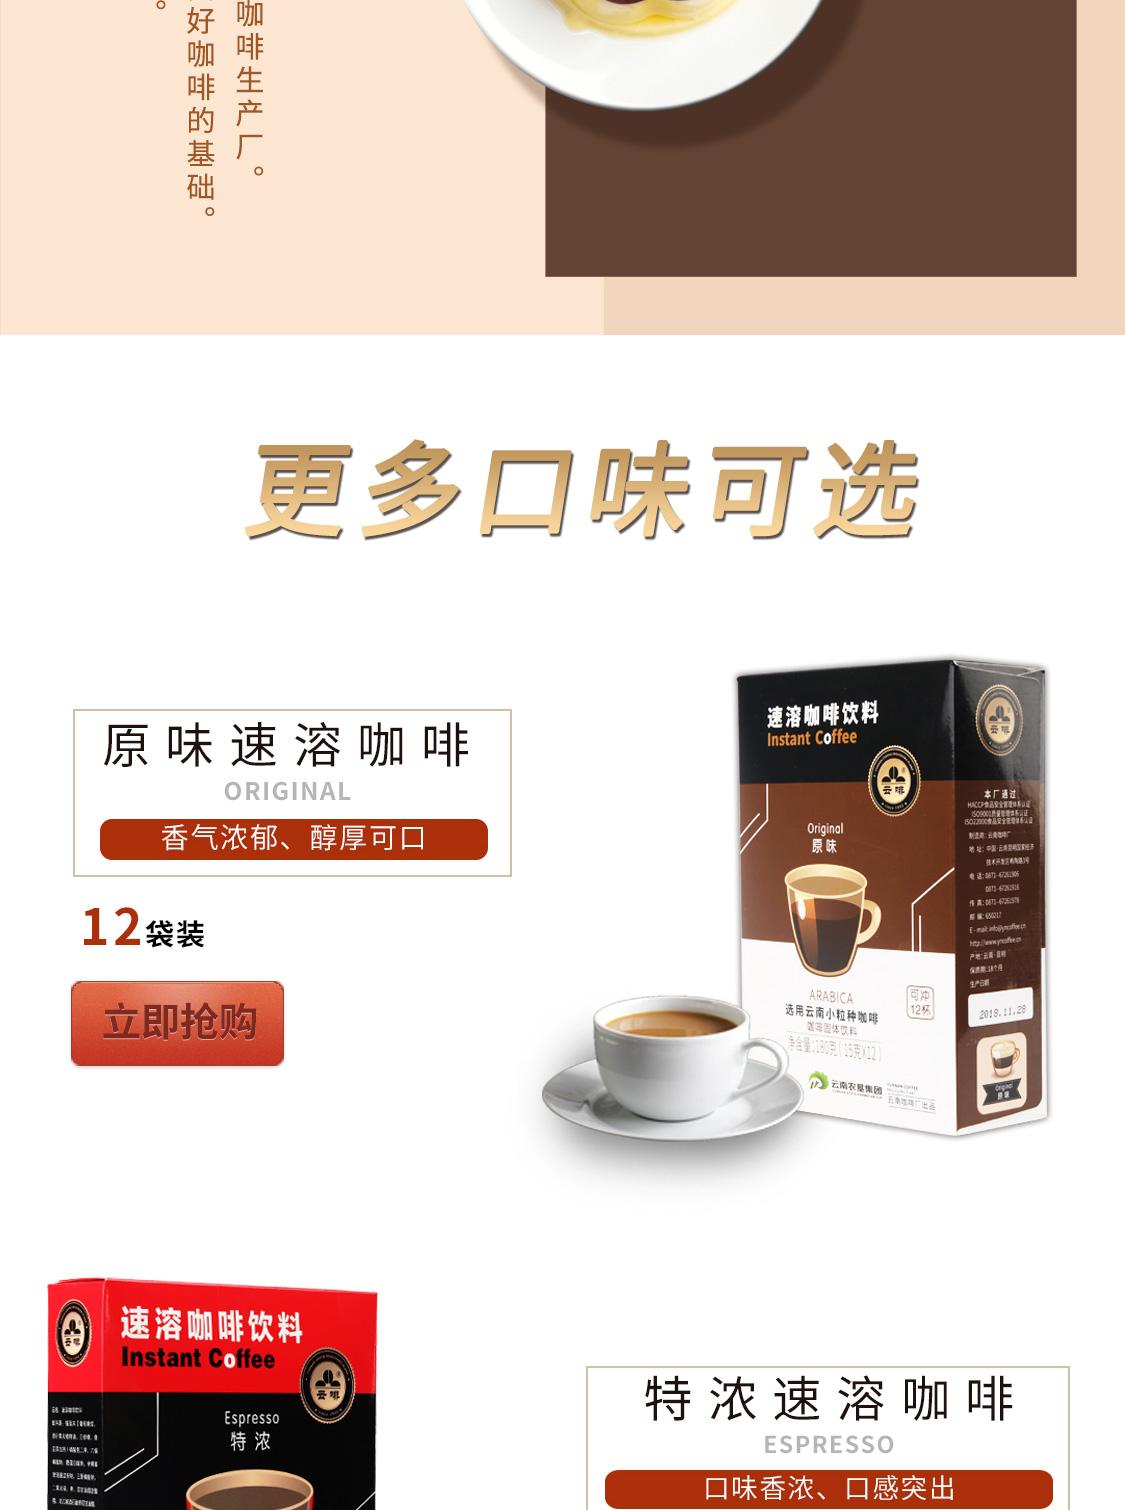 原味速溶咖啡大盒装_03.jpg